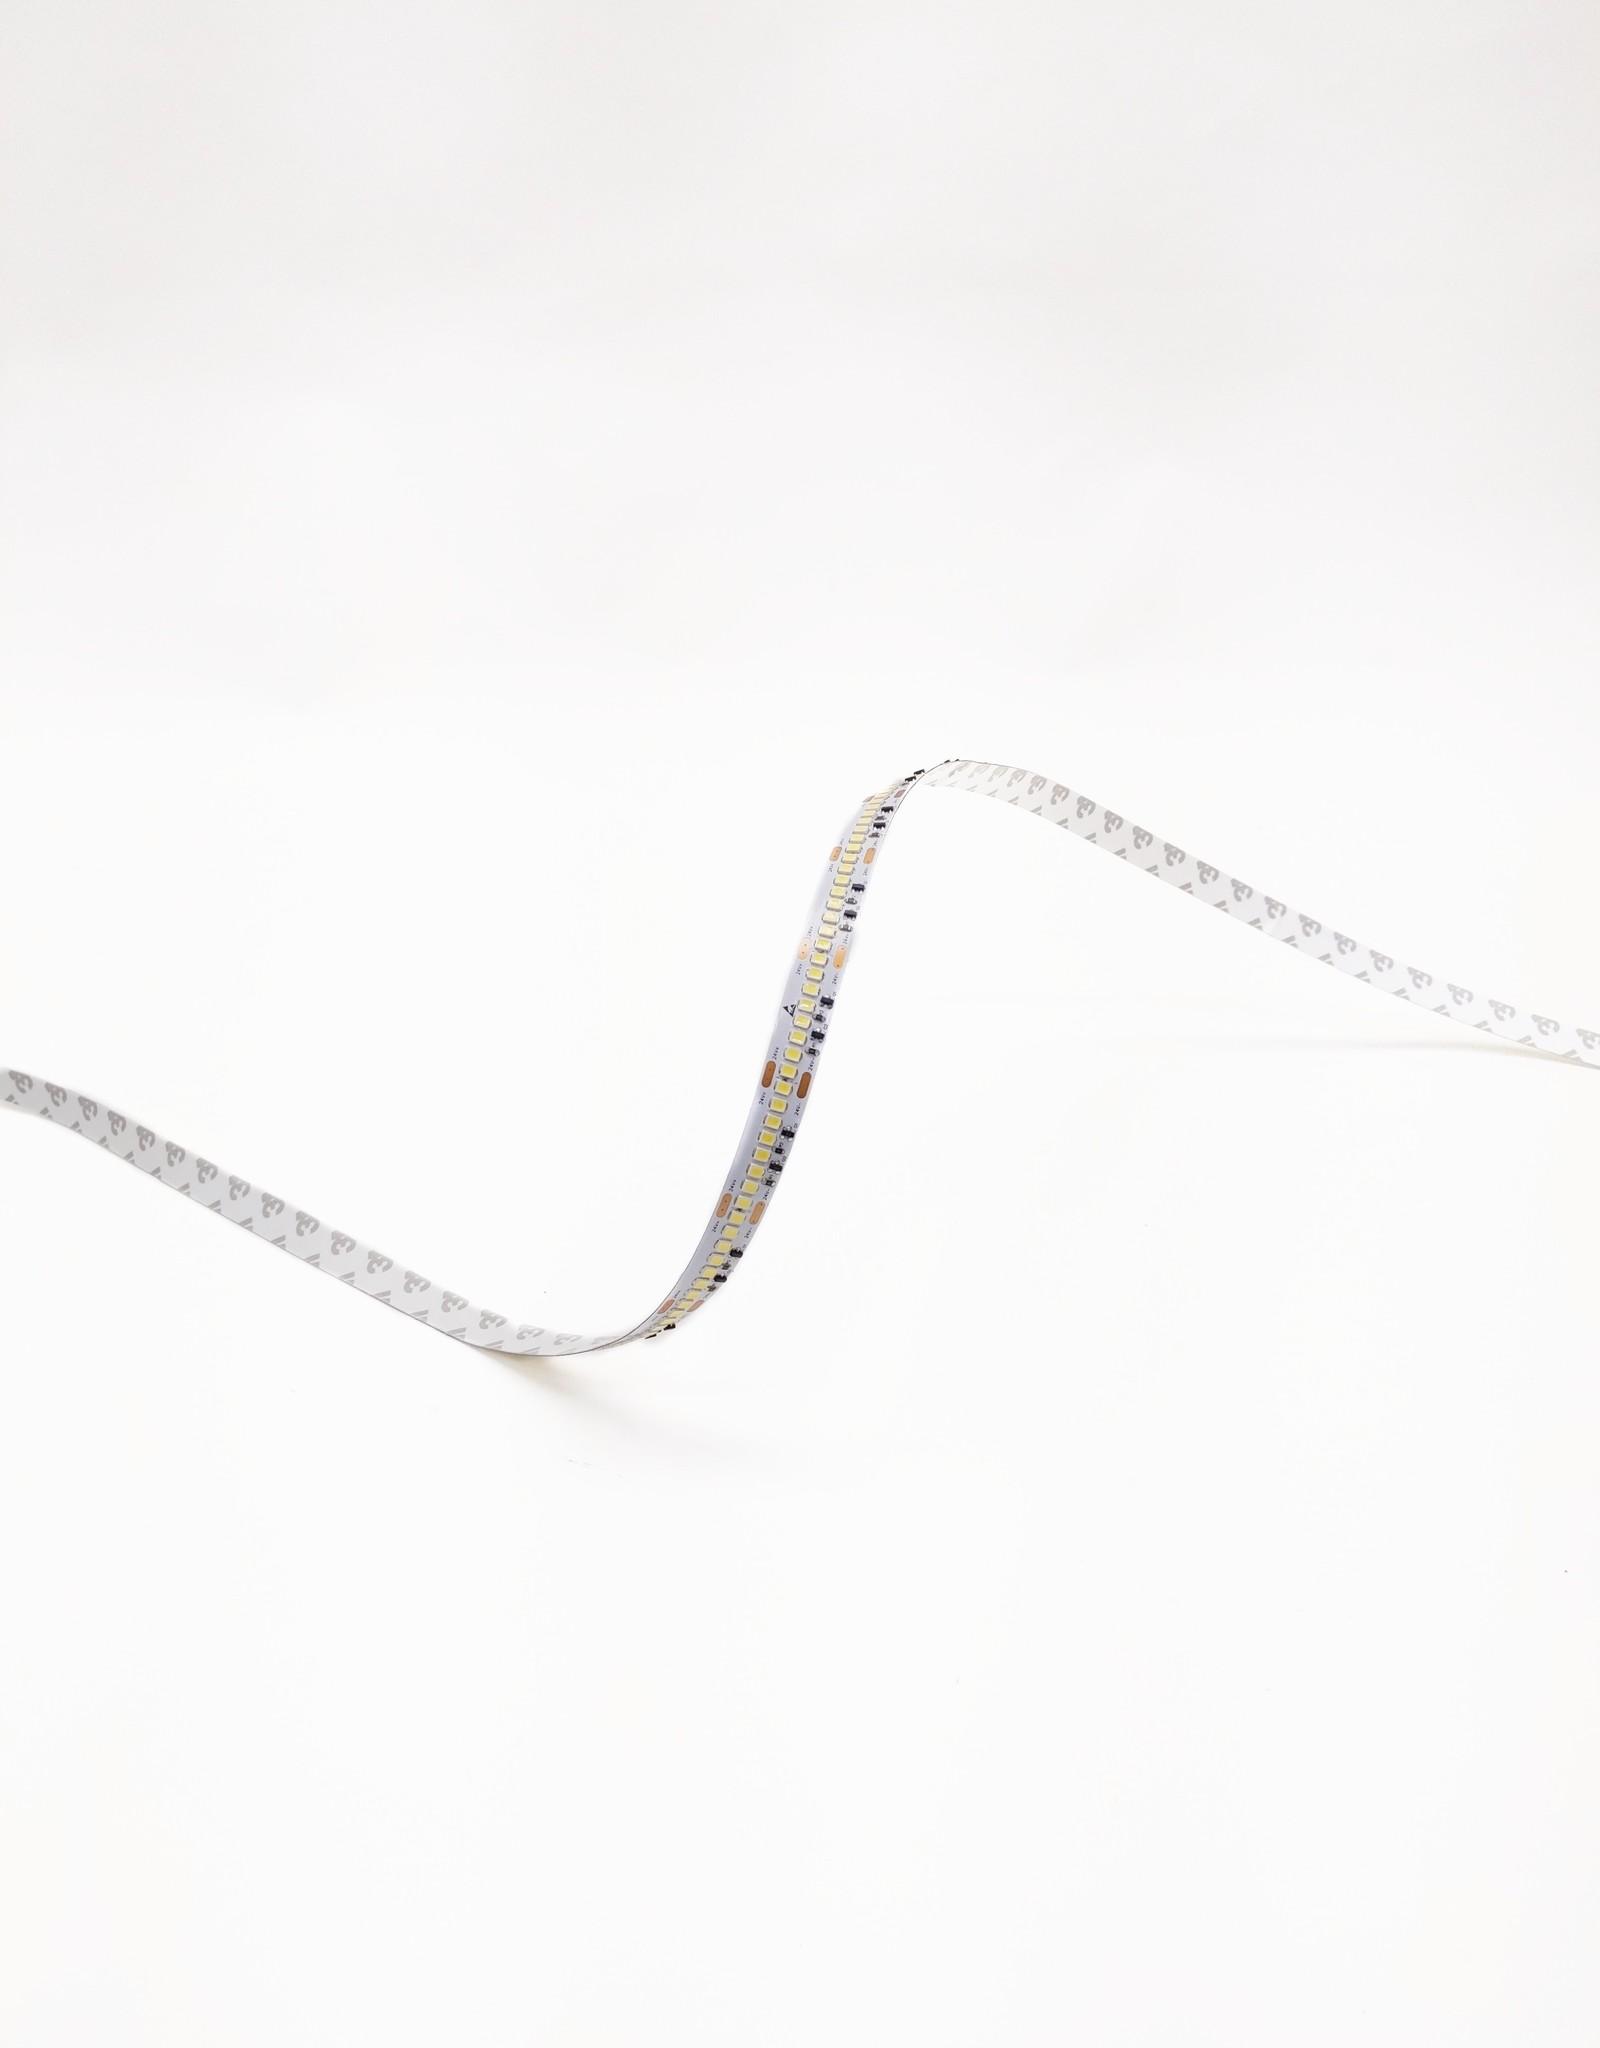 LedLed Varo led strip | 5m | 6000k | 24V | 39W/m | 12mm